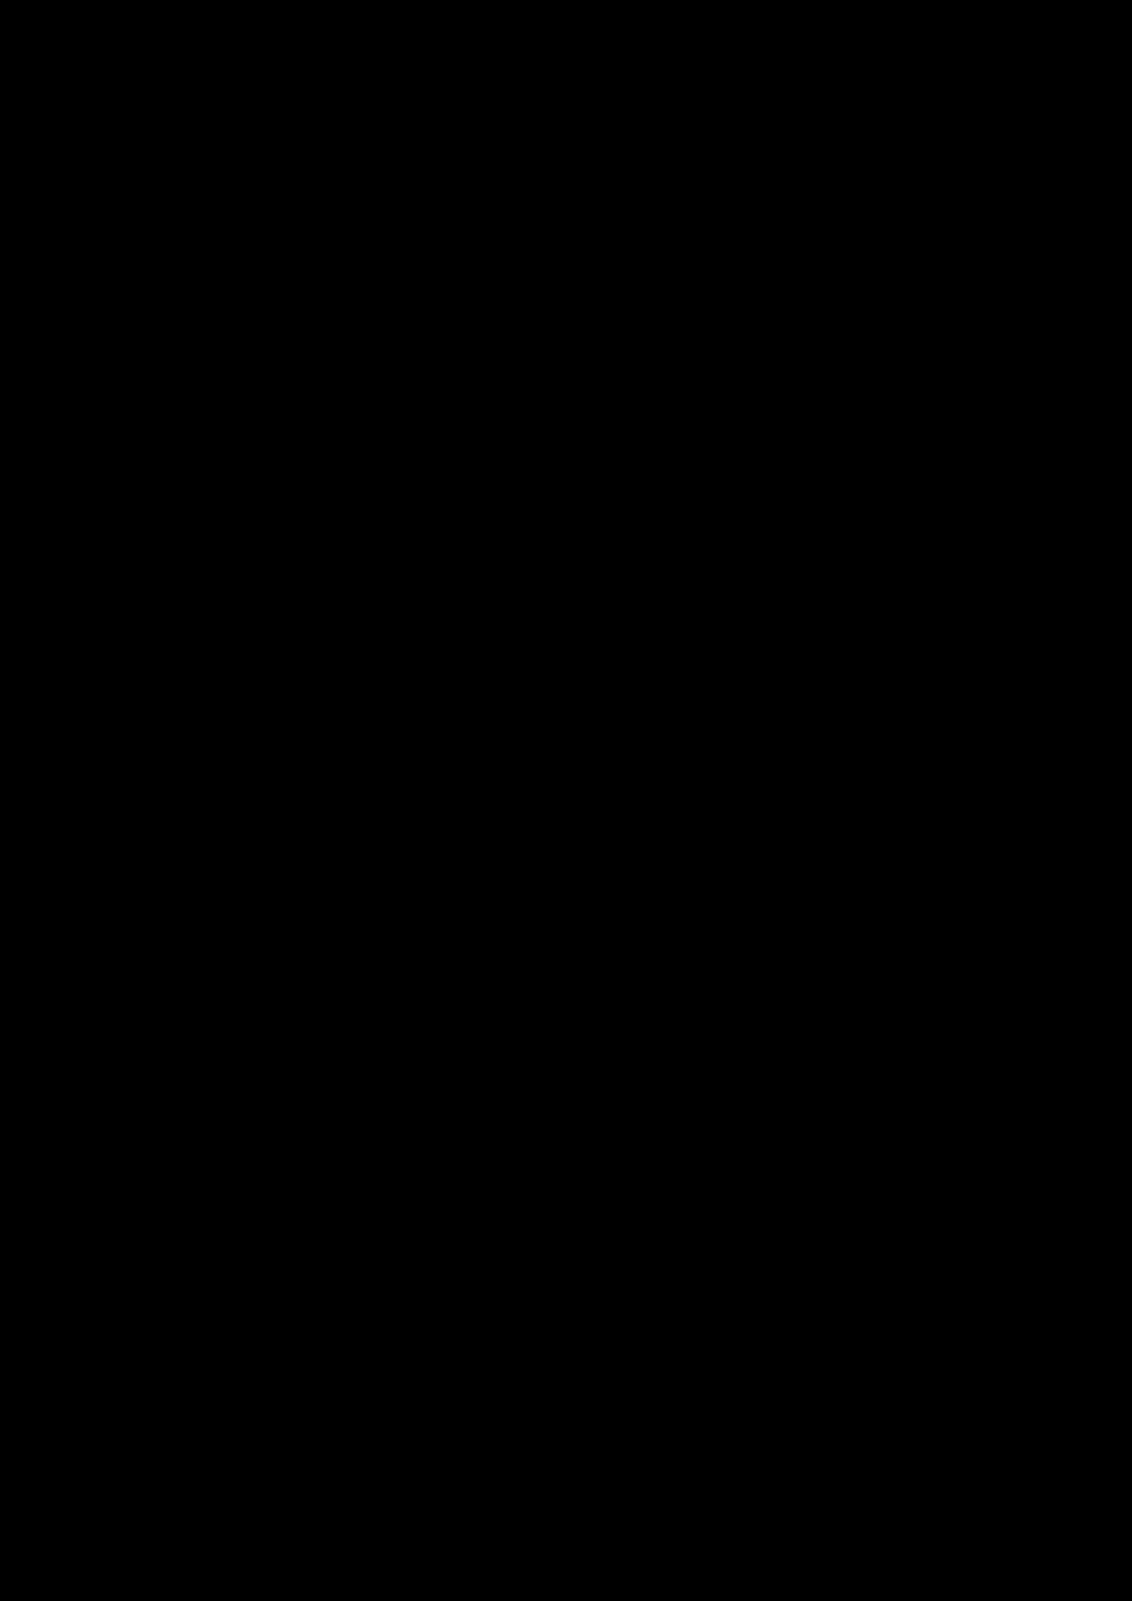 Lambada slide, Image 3